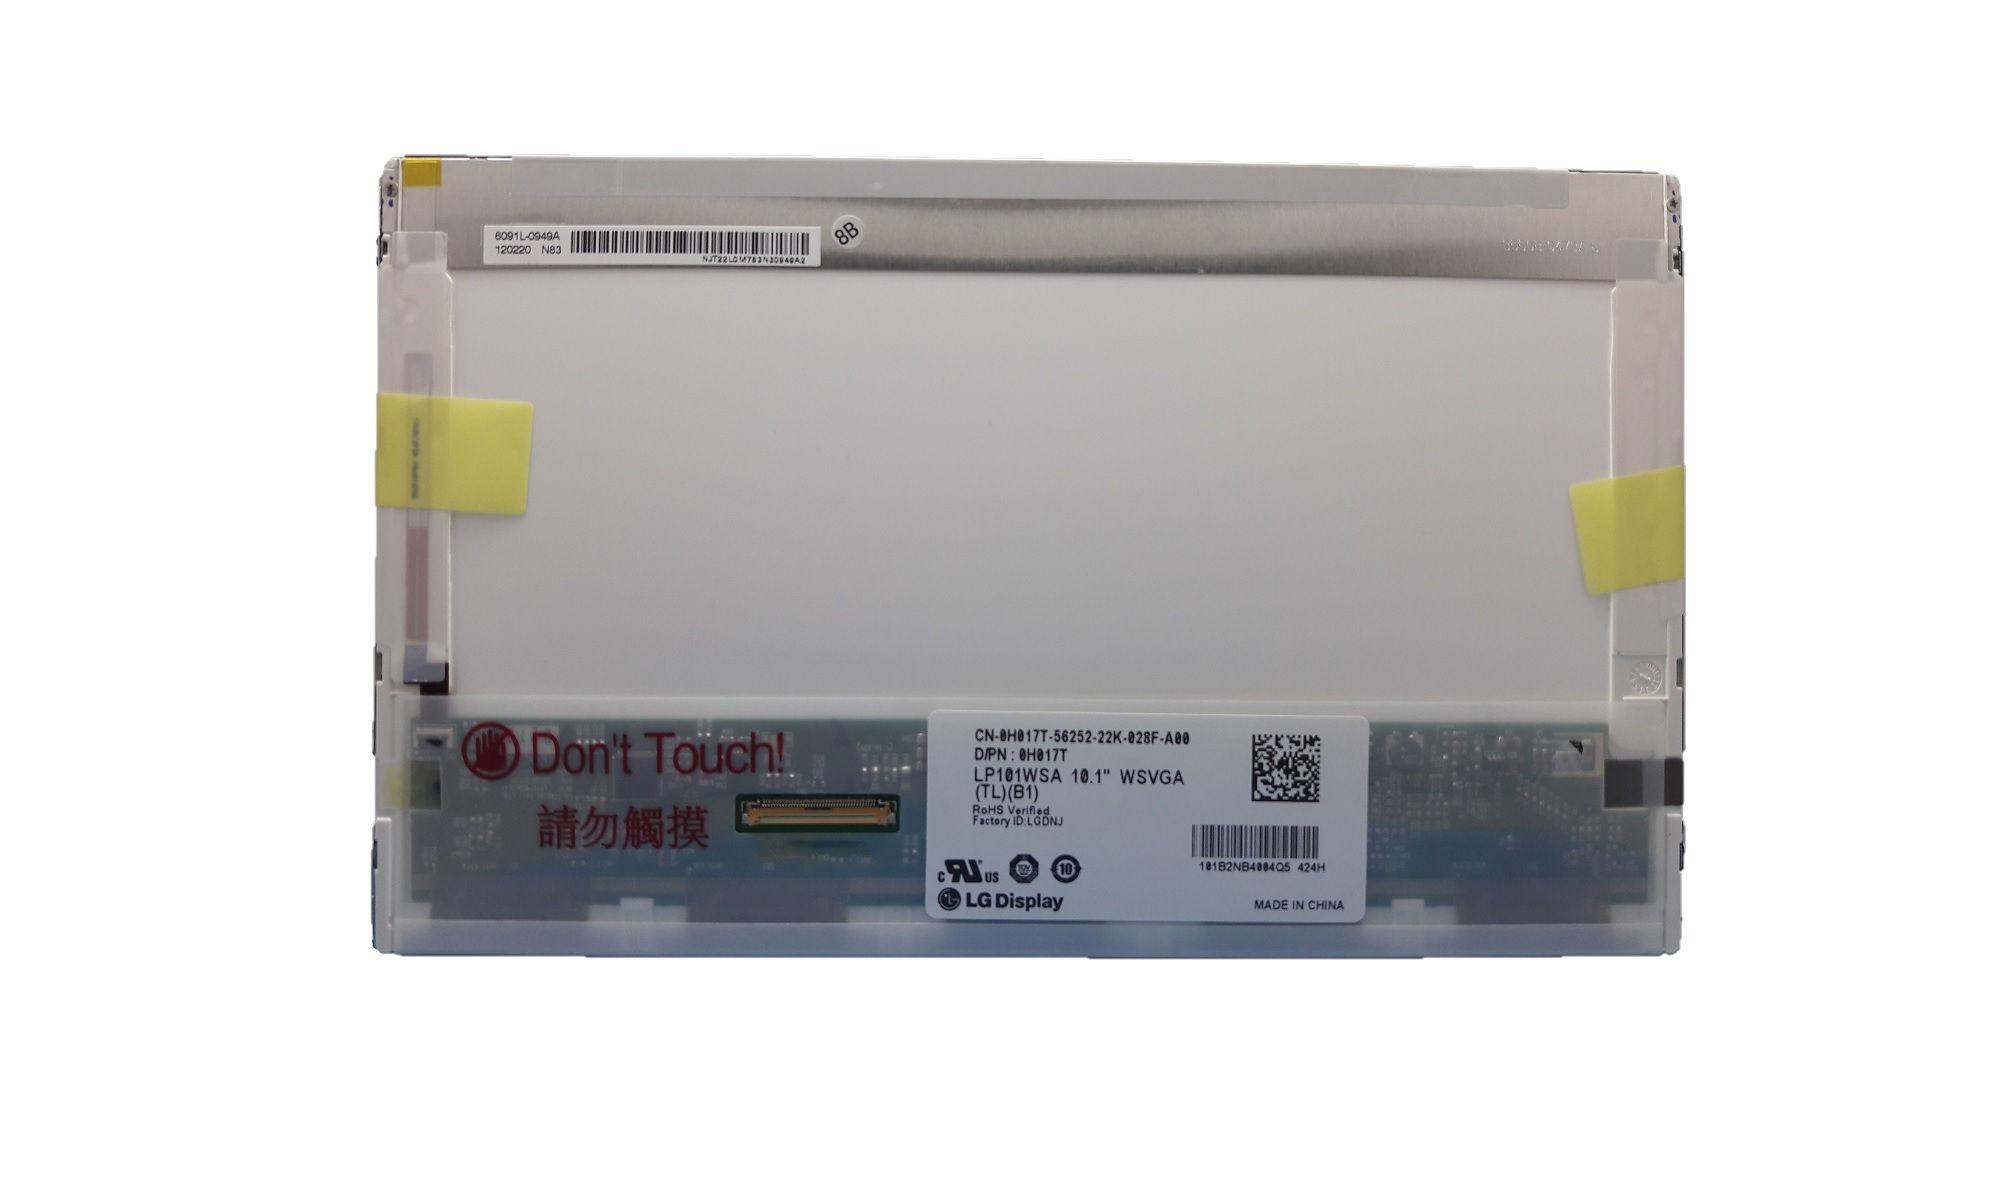 Display laptop Acer Aspire KAV60, Aspire One 532, 532H, 632H, AO531h, AO532h, AOD250, eMachines eM250, eM350